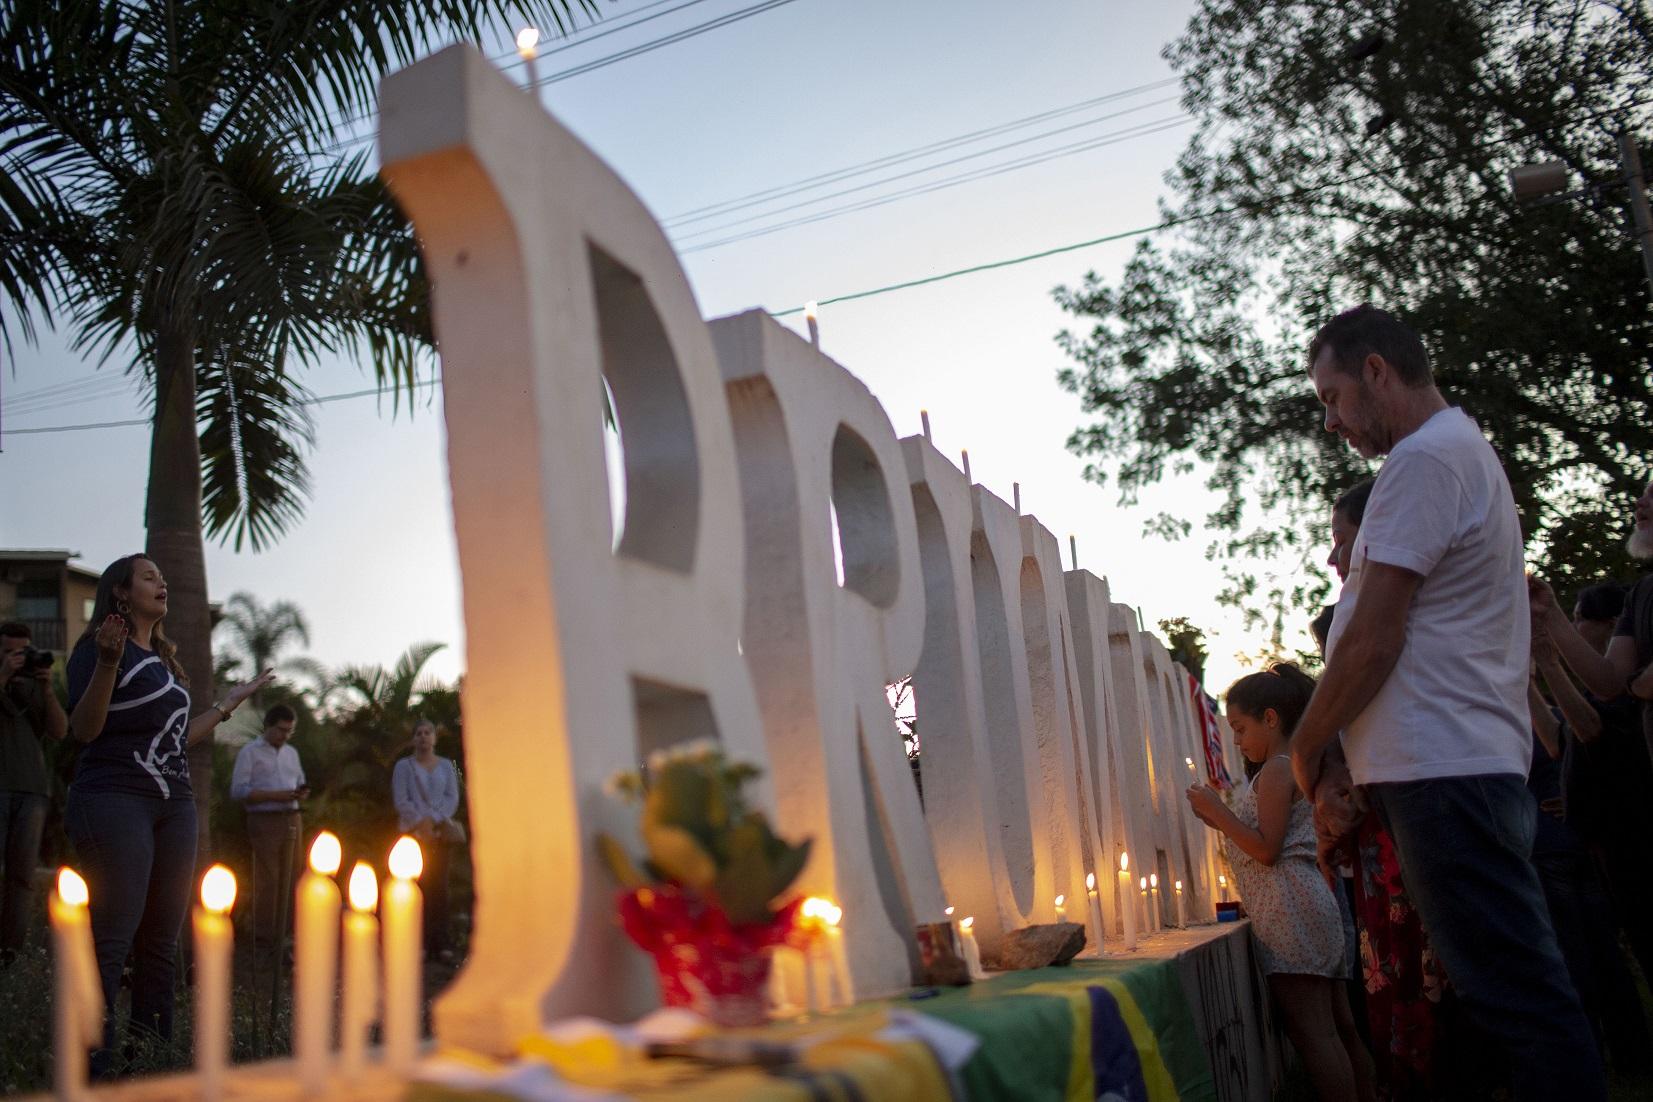 Familiares e amigos oram pelas vítimas da tragédia de Brumadinho. Foto Mauro Pimentel/AFP